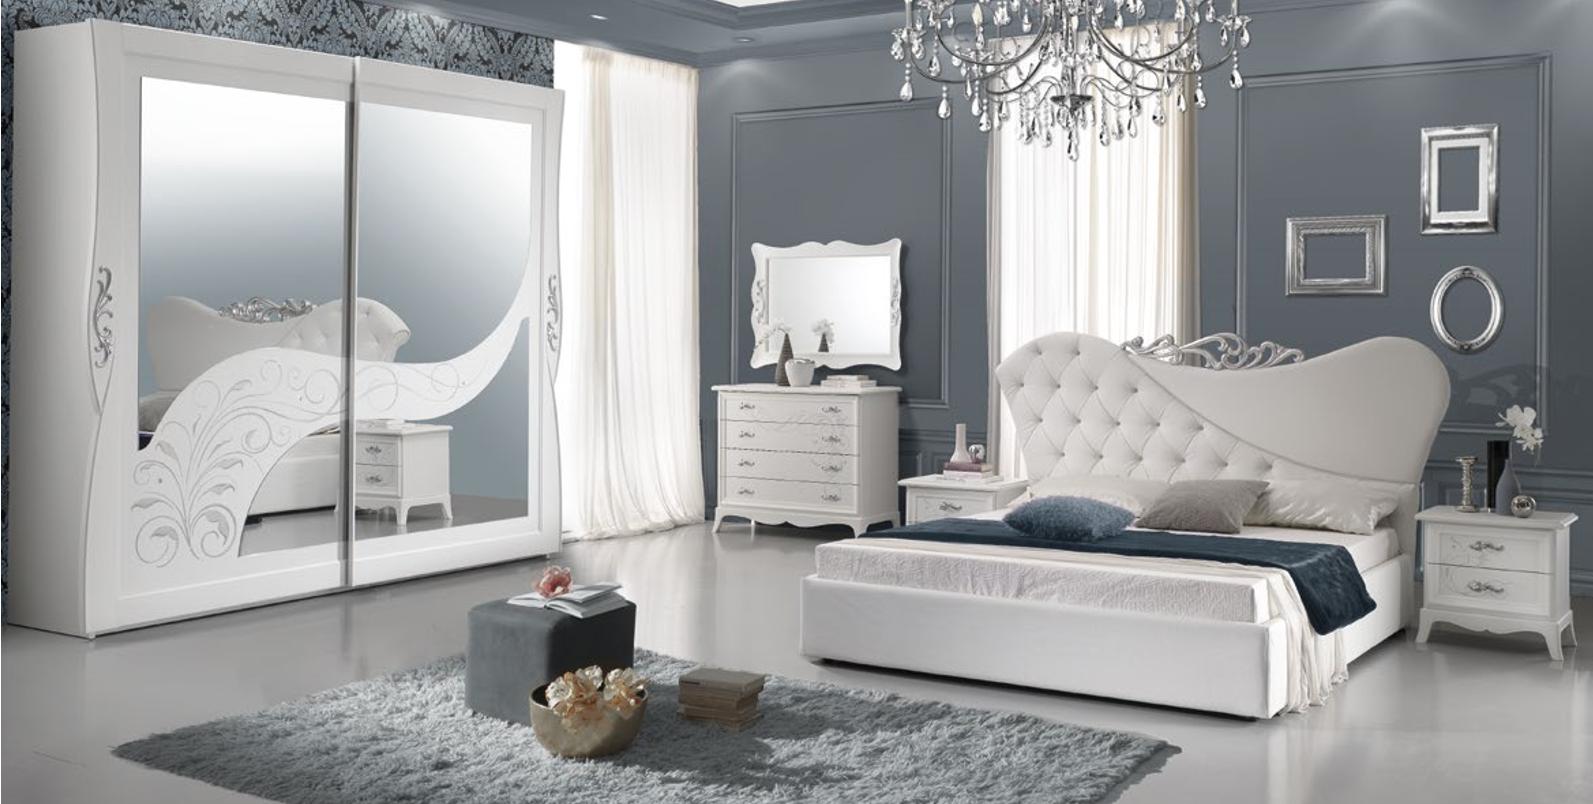 Camera da letto moderna/contemporanea - 2 | ORAXOSHOP